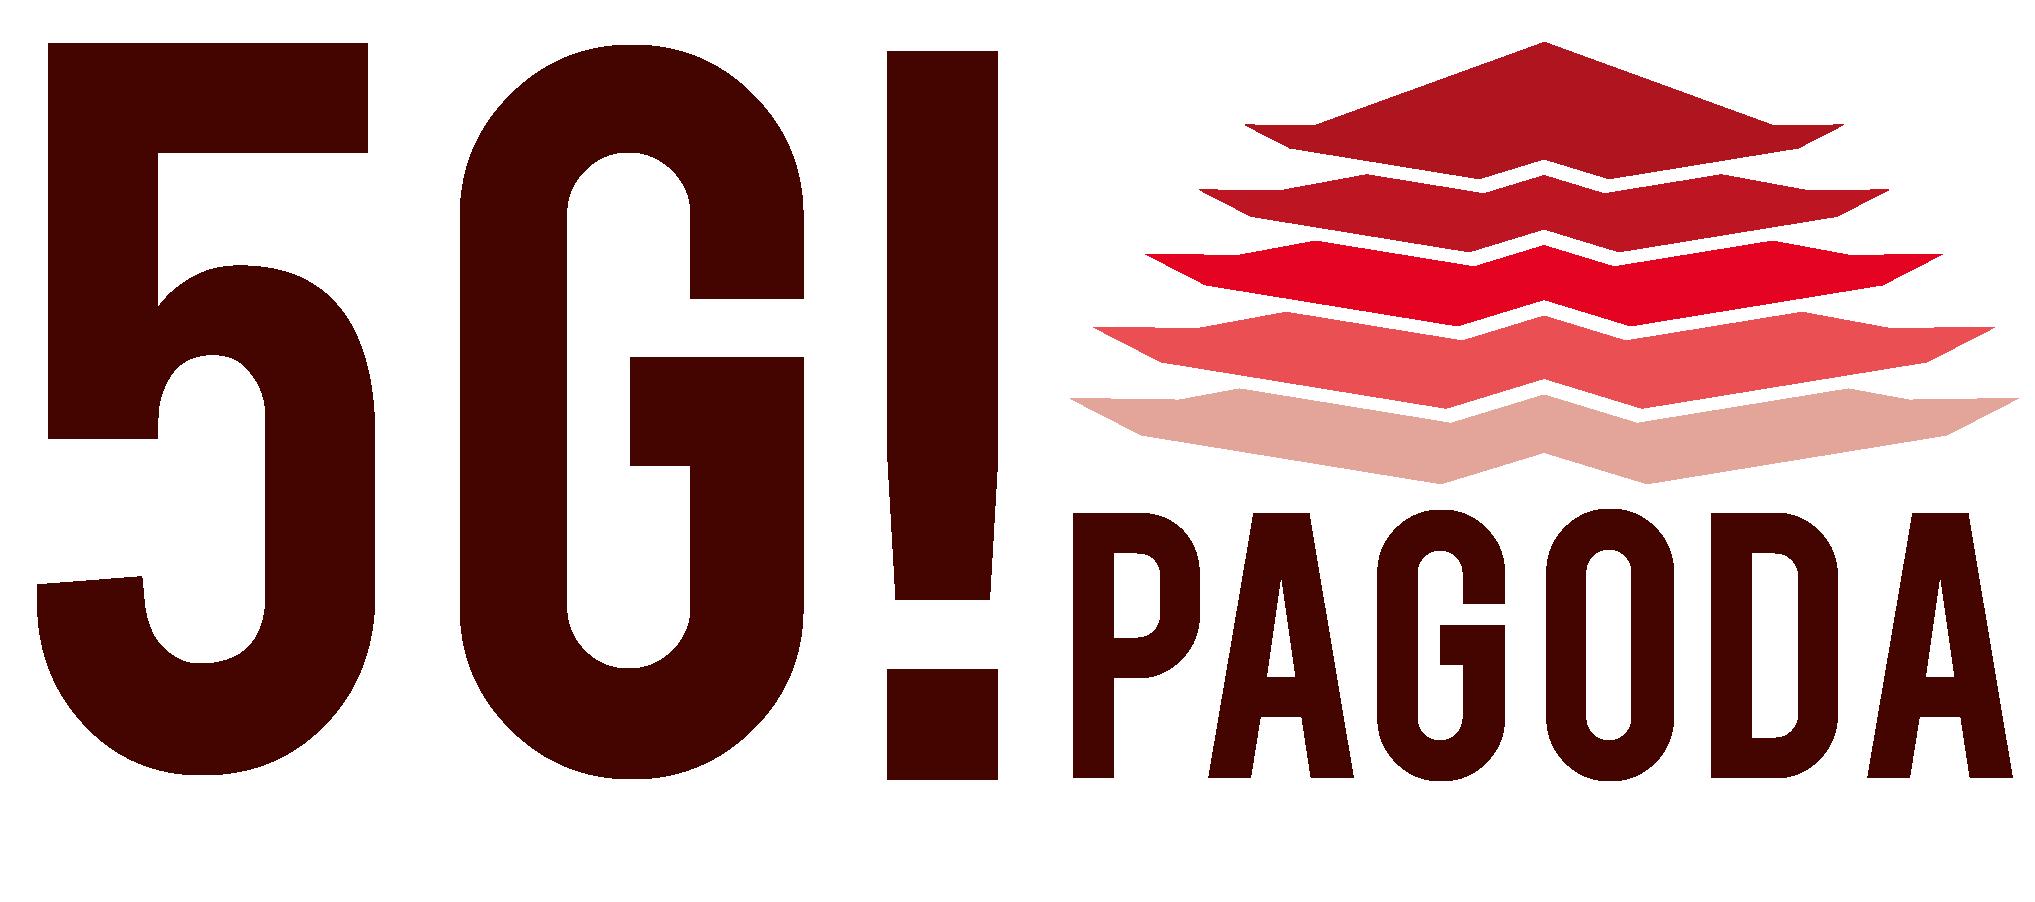 5G!Pagoda Logo